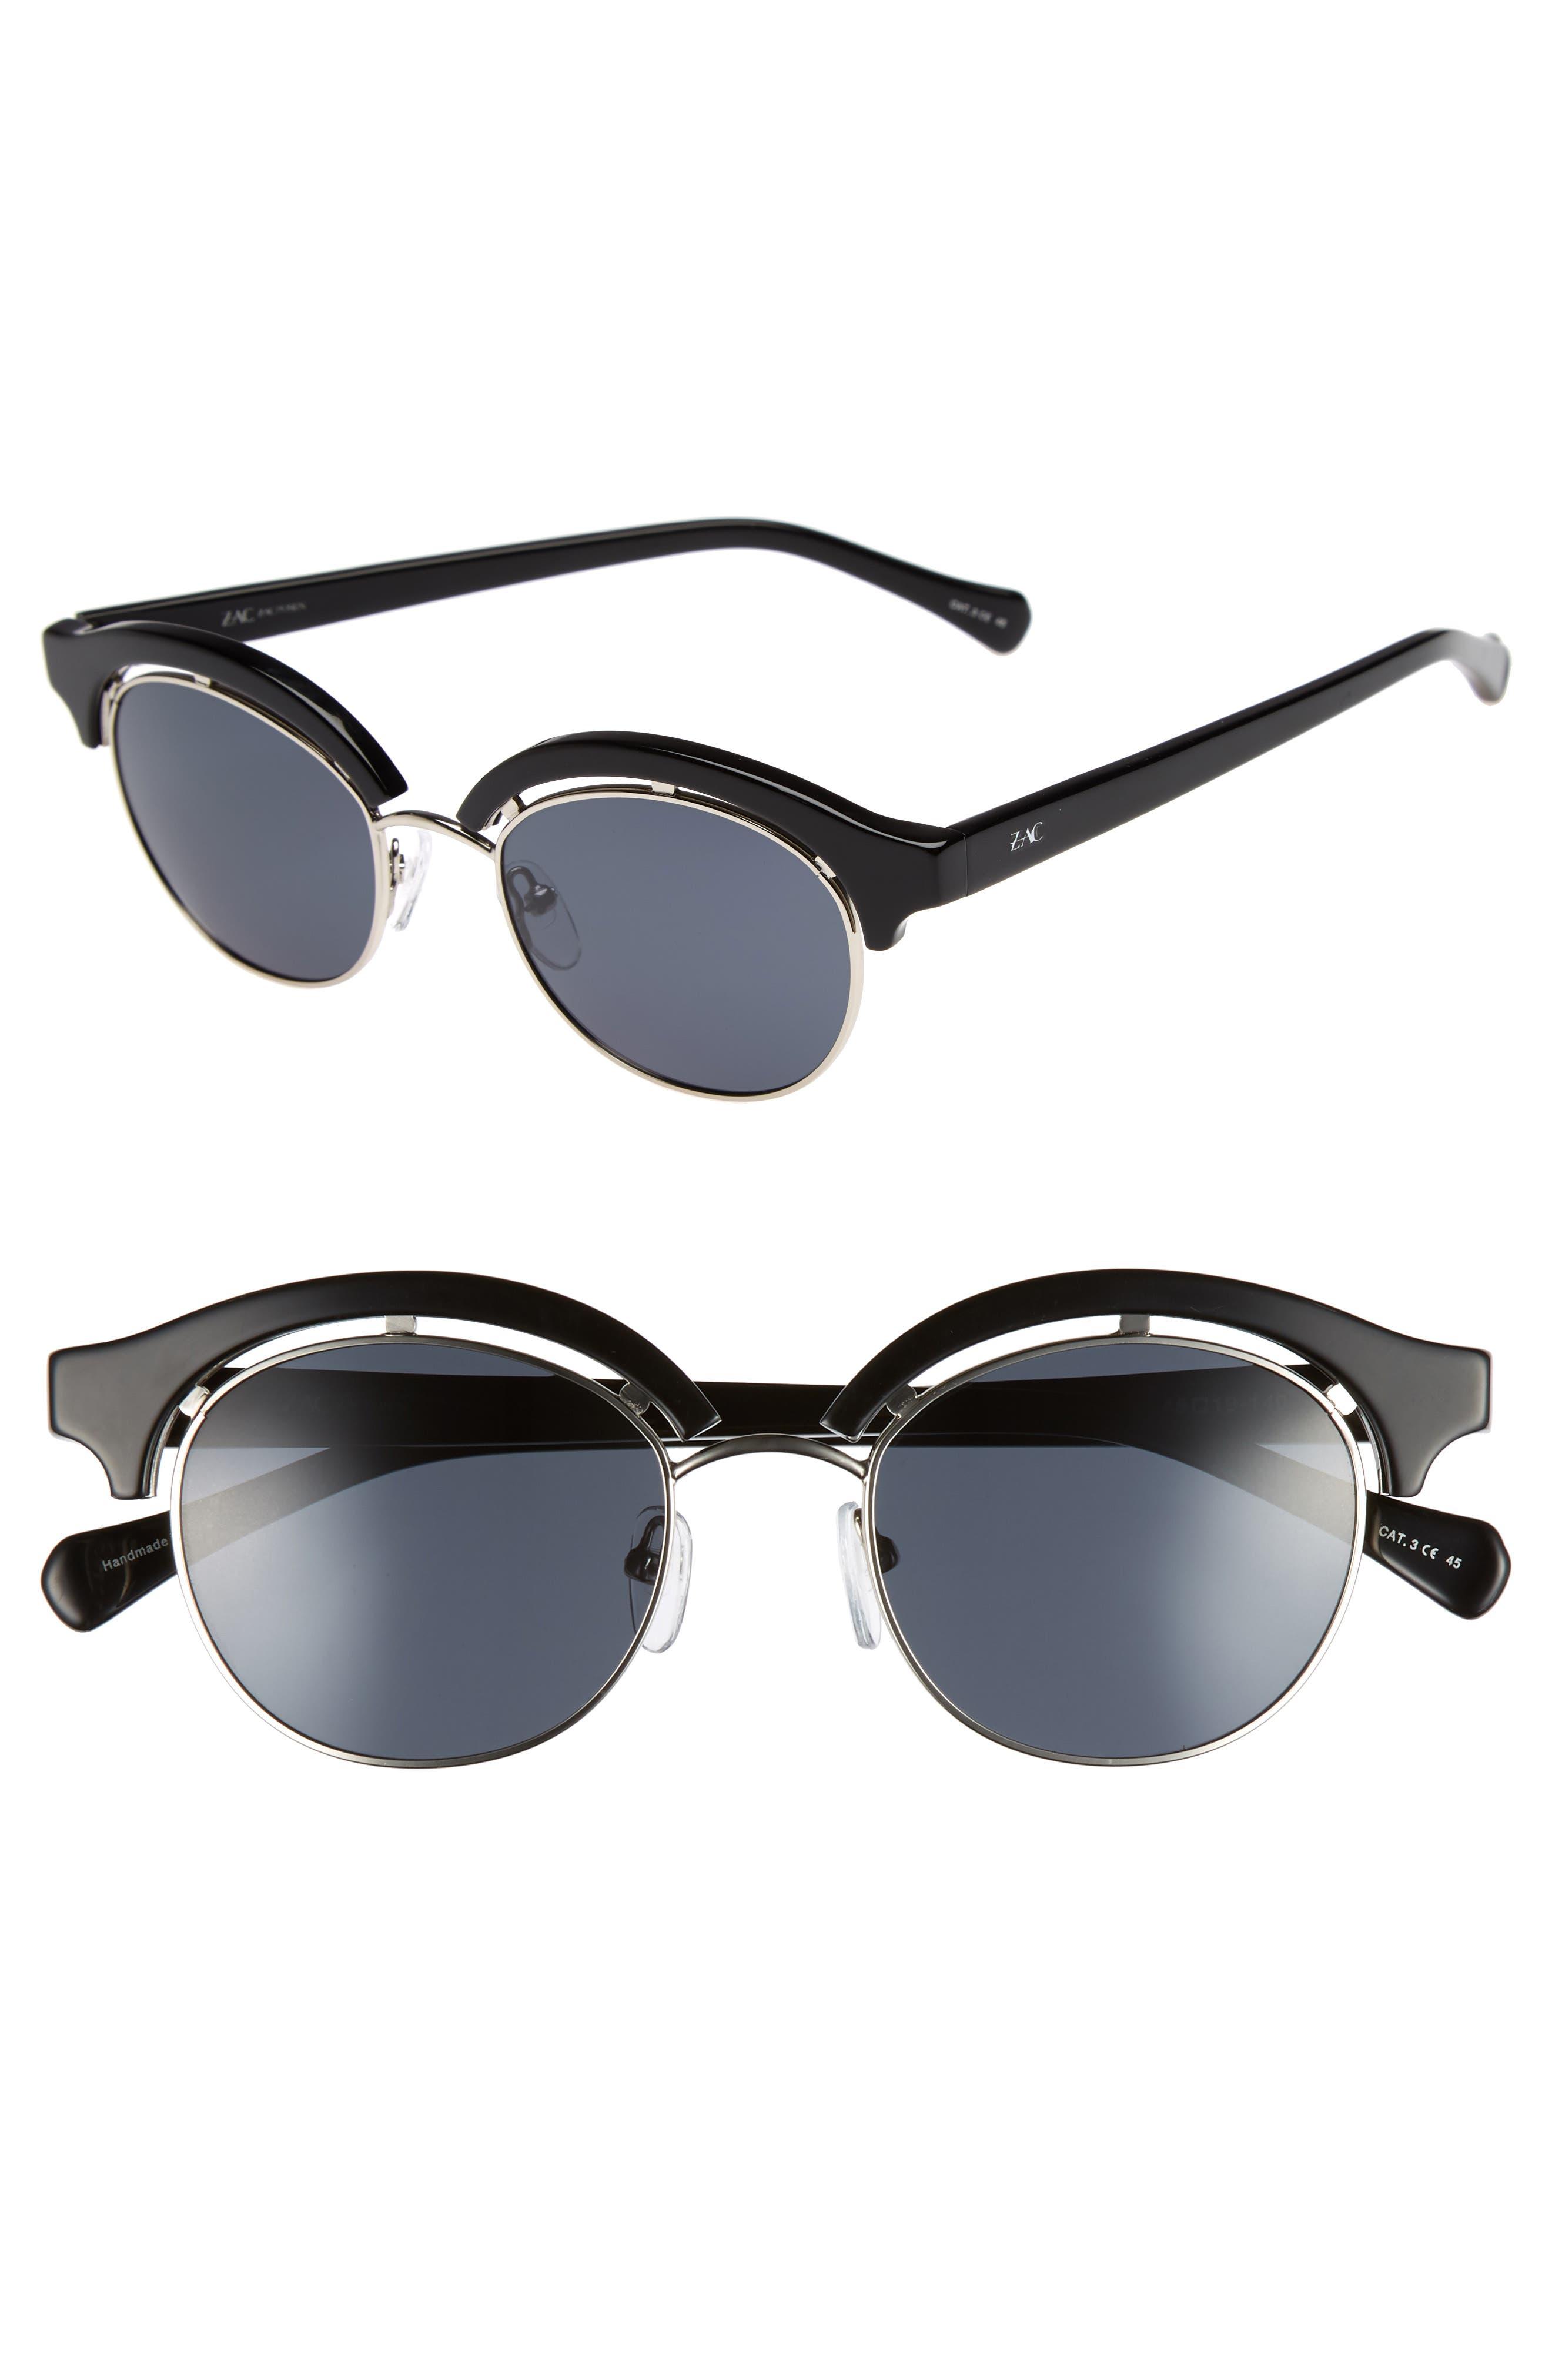 Pomona 48mm Polarized Sunglasses,                             Main thumbnail 1, color,                             BLACK POLAR